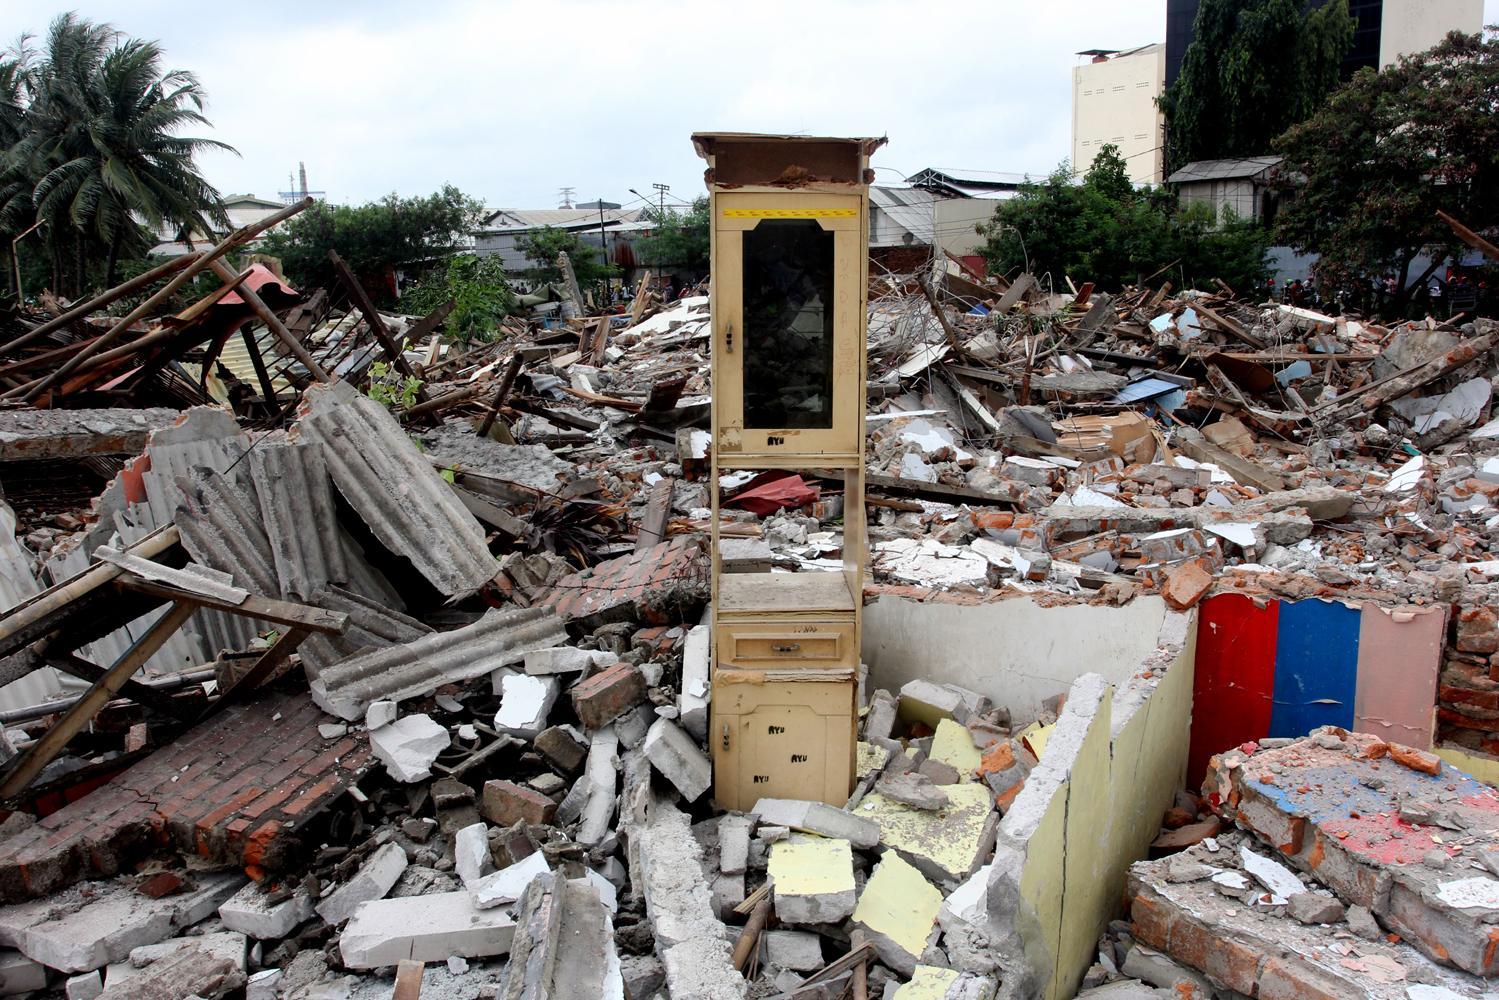 Sisa-sisa barang milik warga di kawasan Kalijodo, saat penataan bangunan , Jakarta, Senin (29/2). Pemprov DKI Jakarta membongkar ratusan bangunan di kawasan tersebut untuk dijadikan Ruang Terbuka Hijau (RTH).